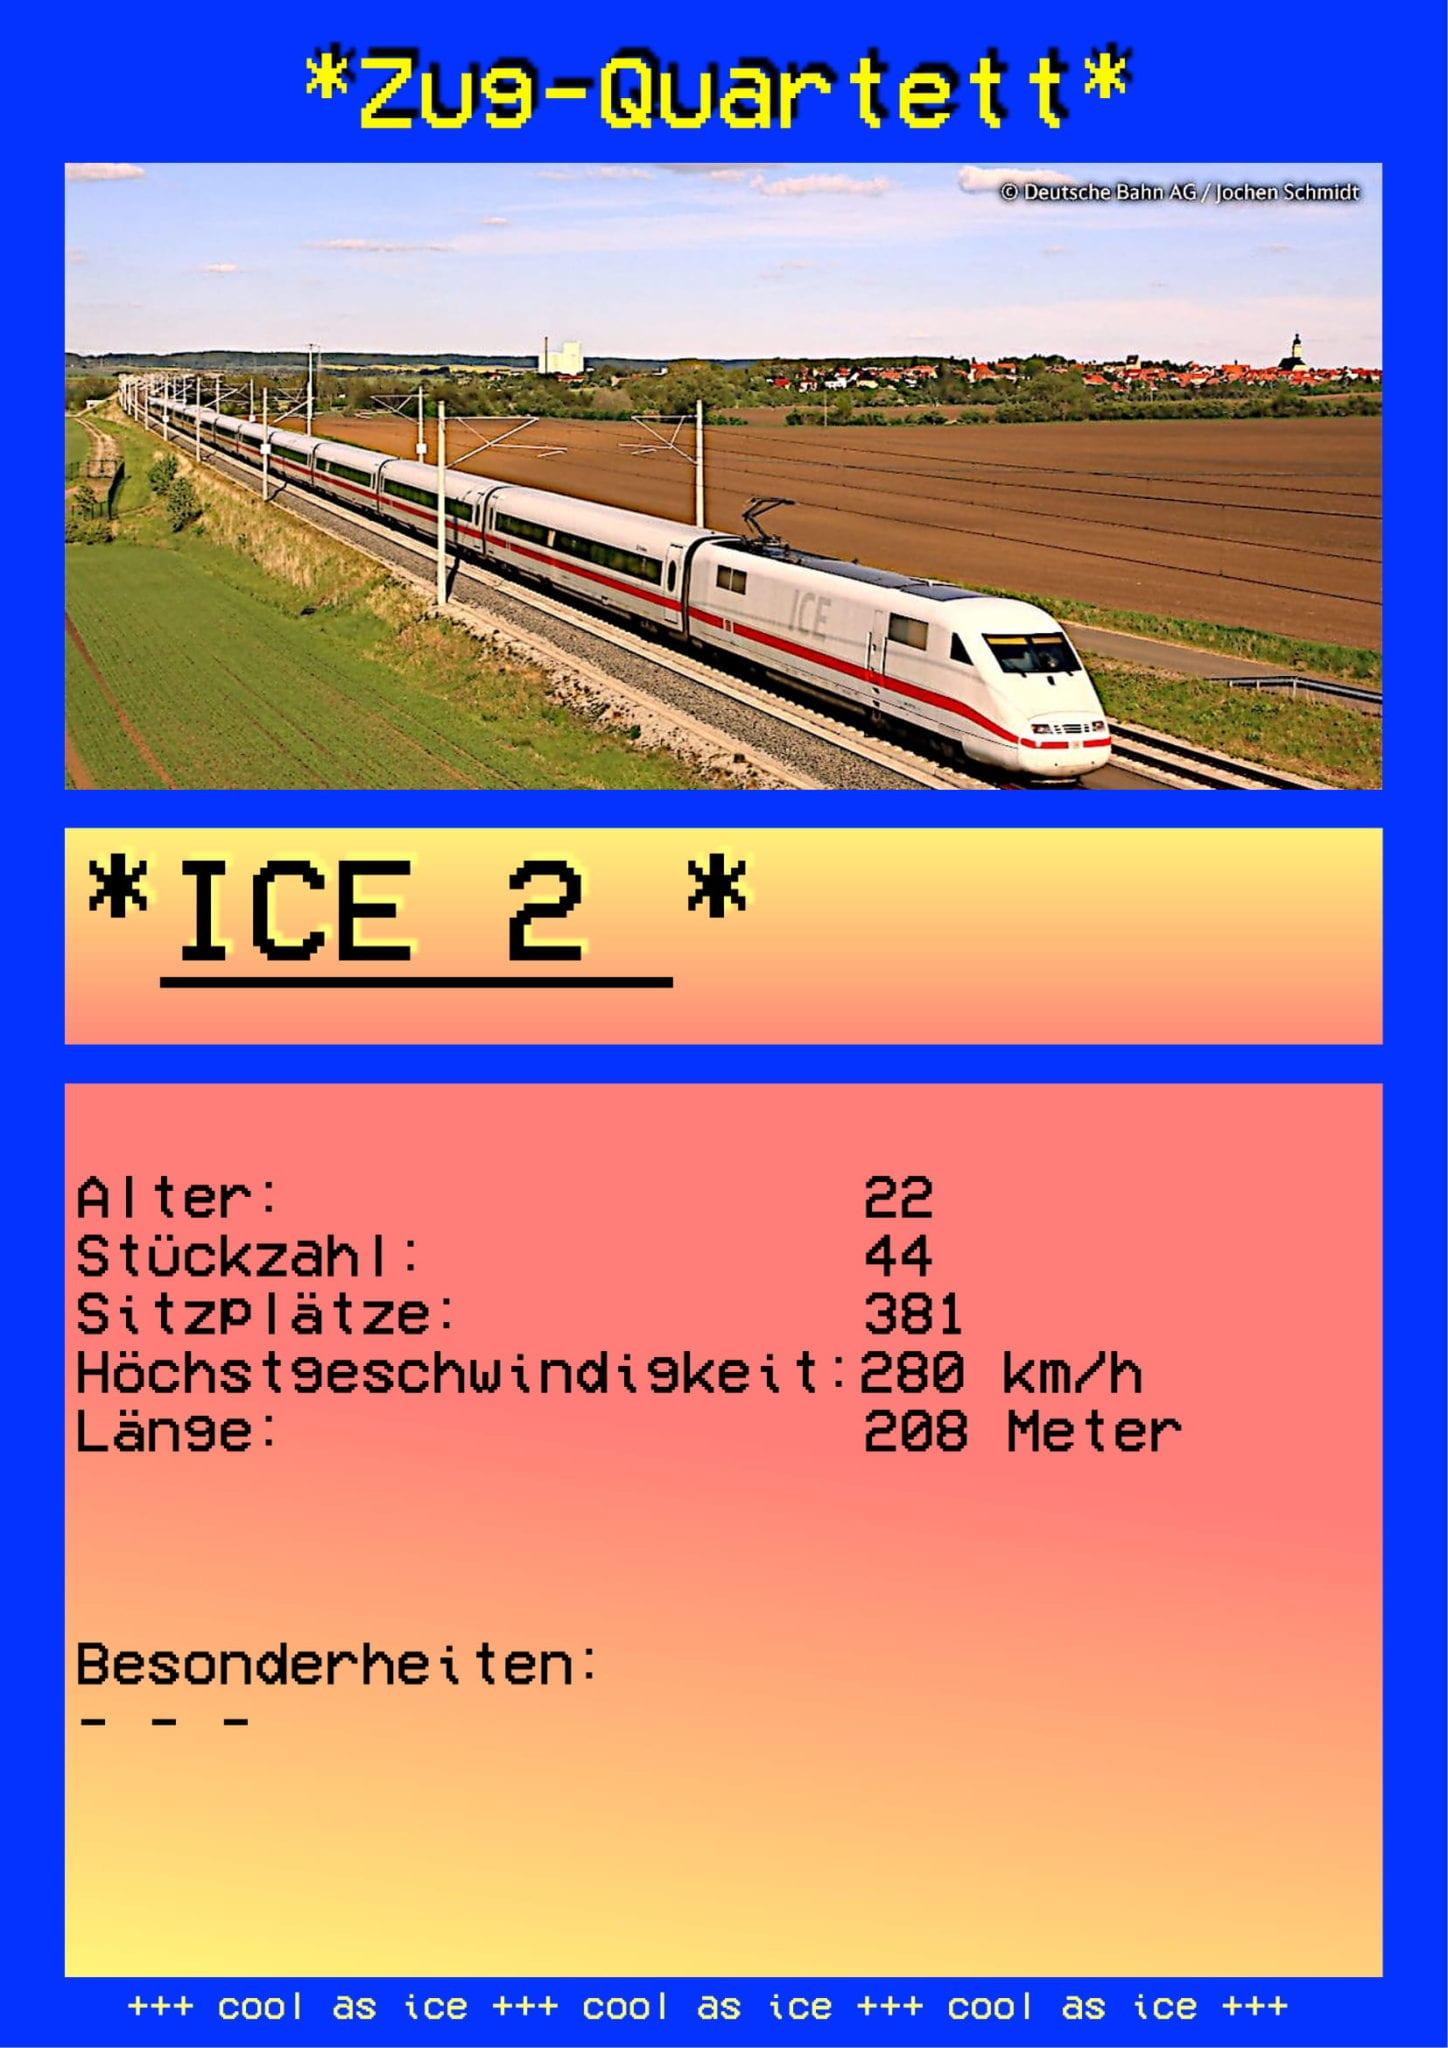 ICE_Quartett_2.1_0107-1